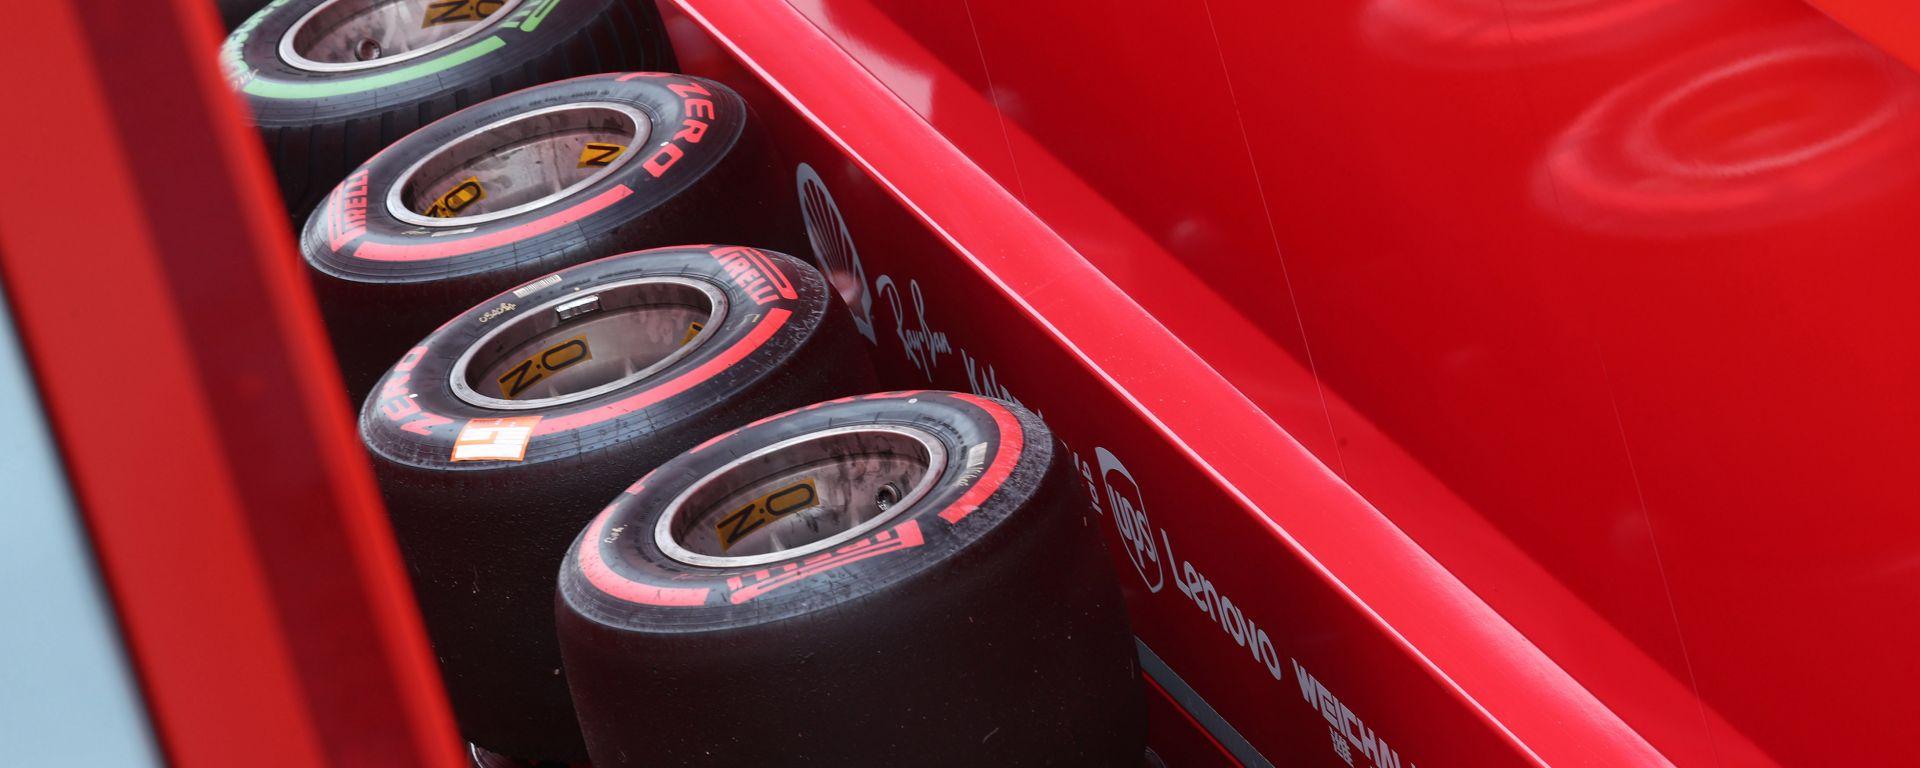 F1 GP Italia 2019, Monza: pneumatici Pirelli impilati davanti al box Ferrari